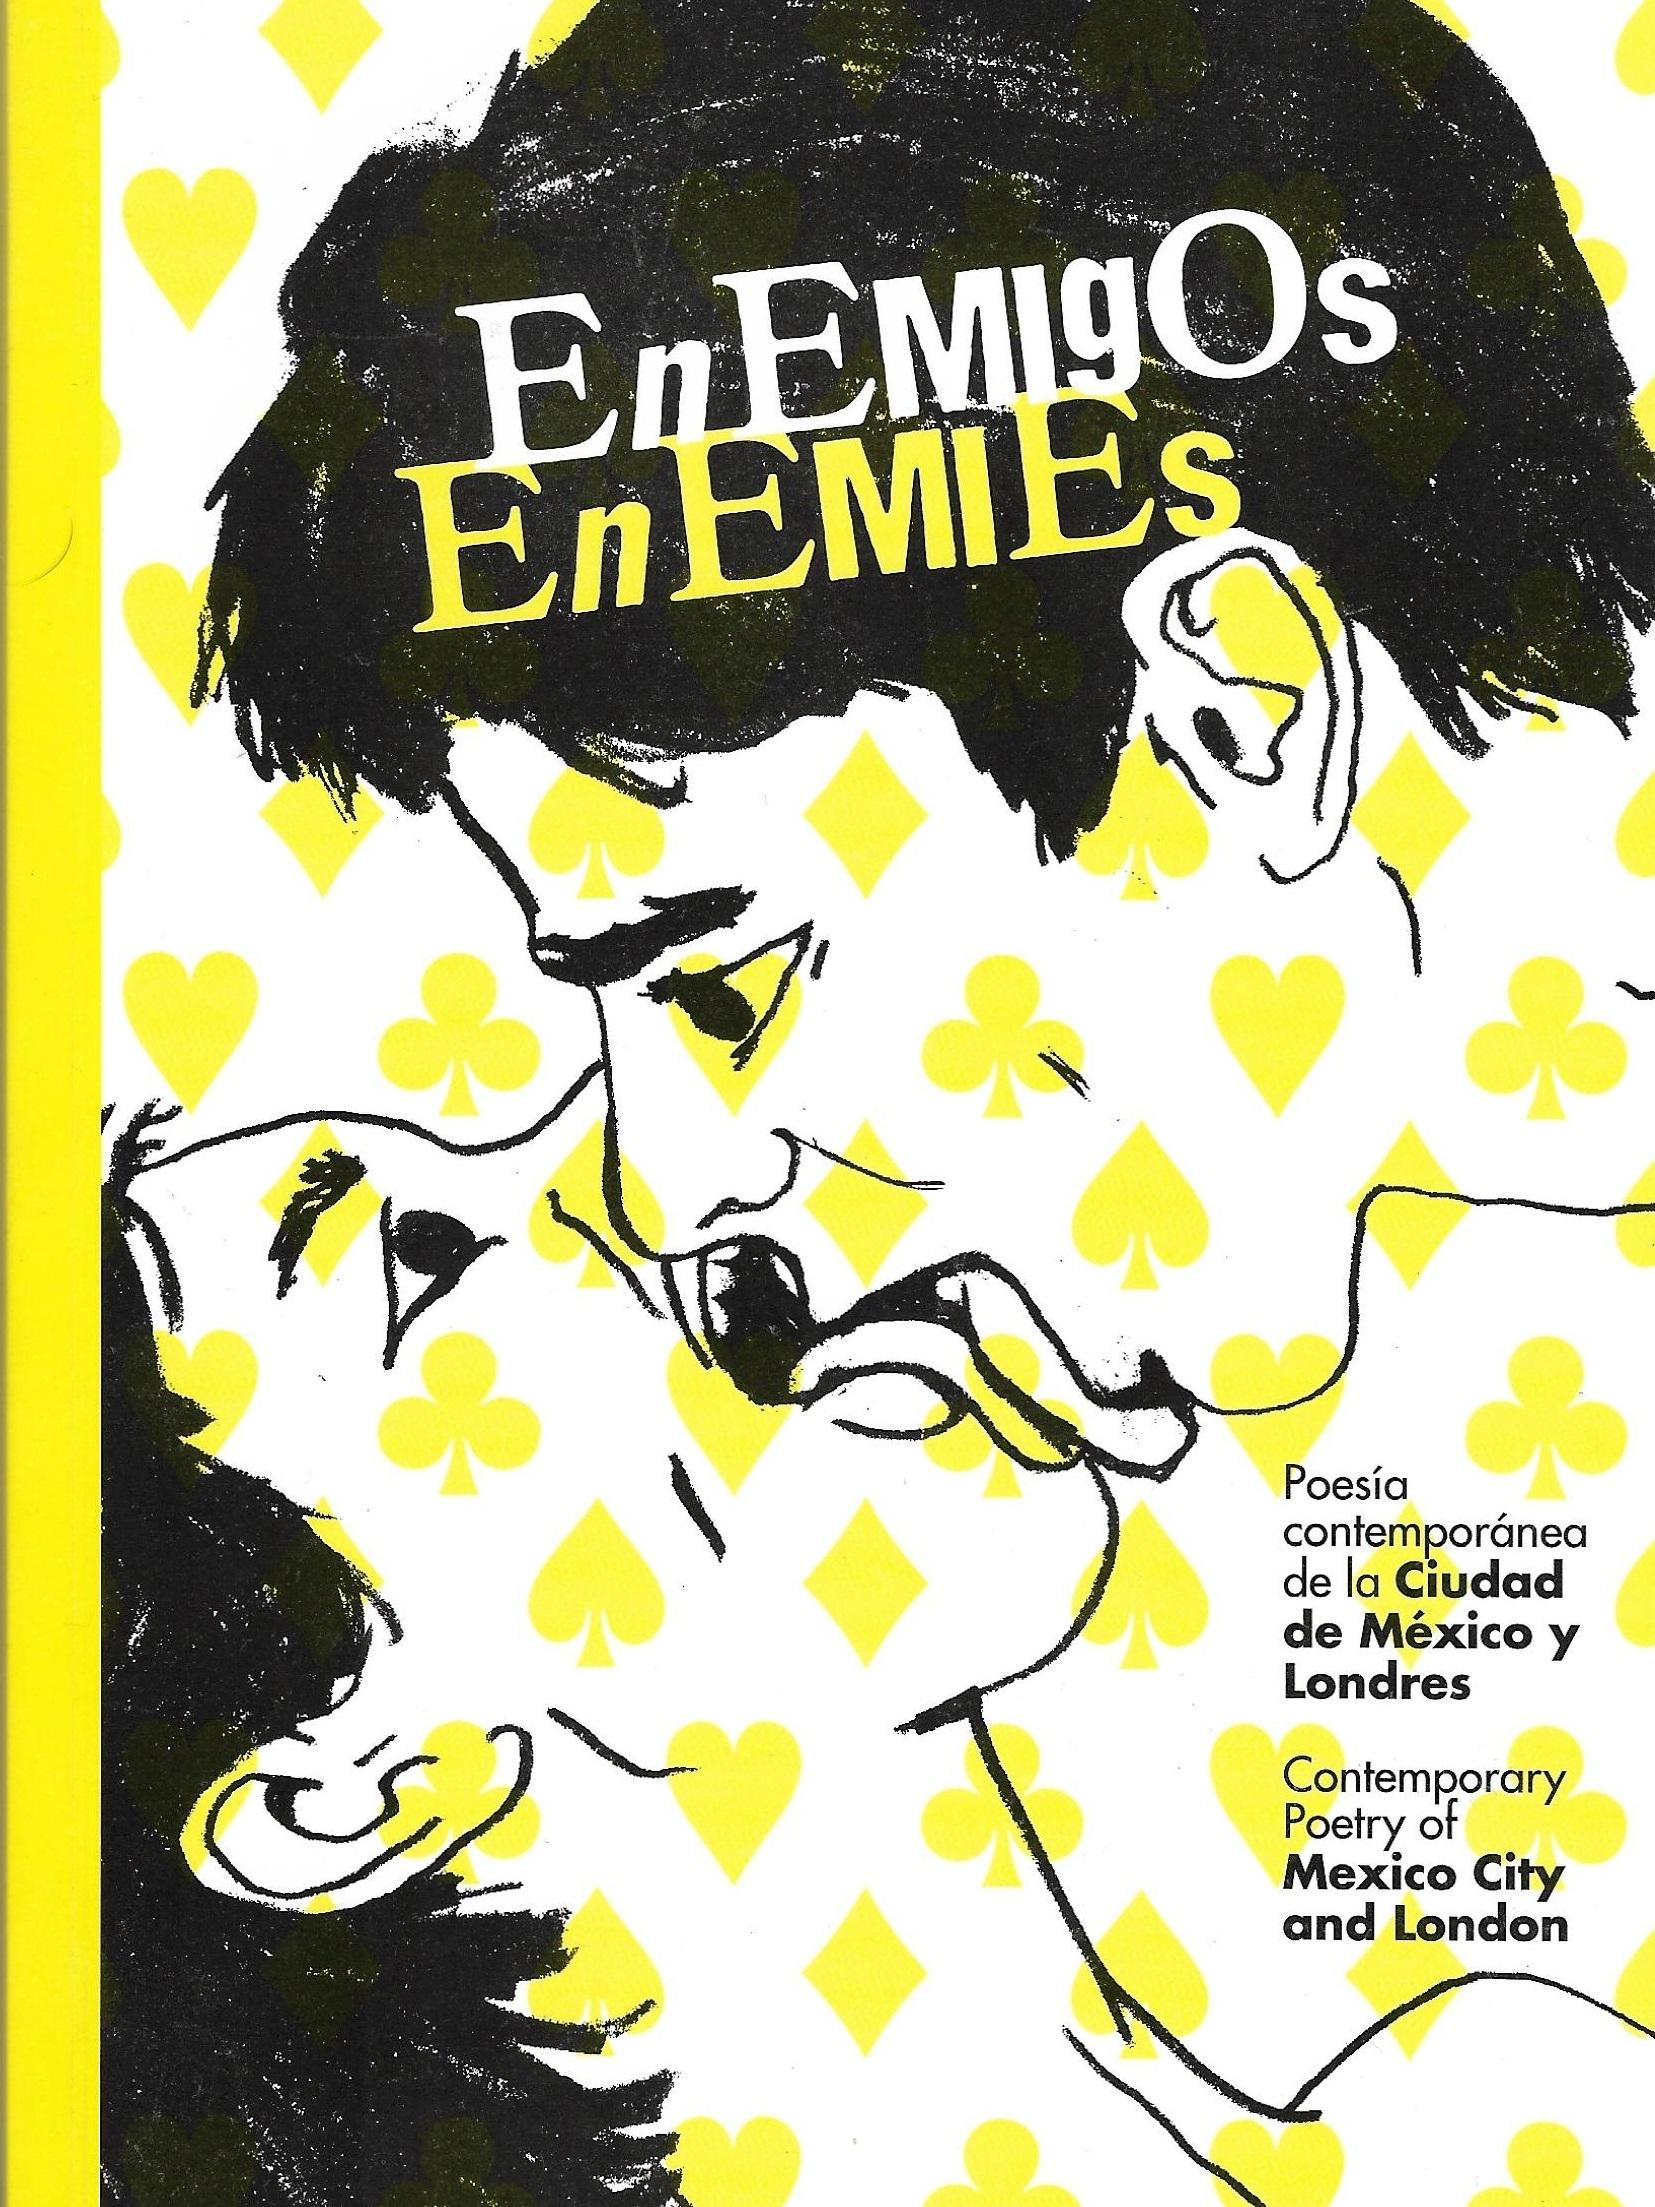 Enemigos 8 Chilango and 8 London poets CIELO Abierto, Mexico